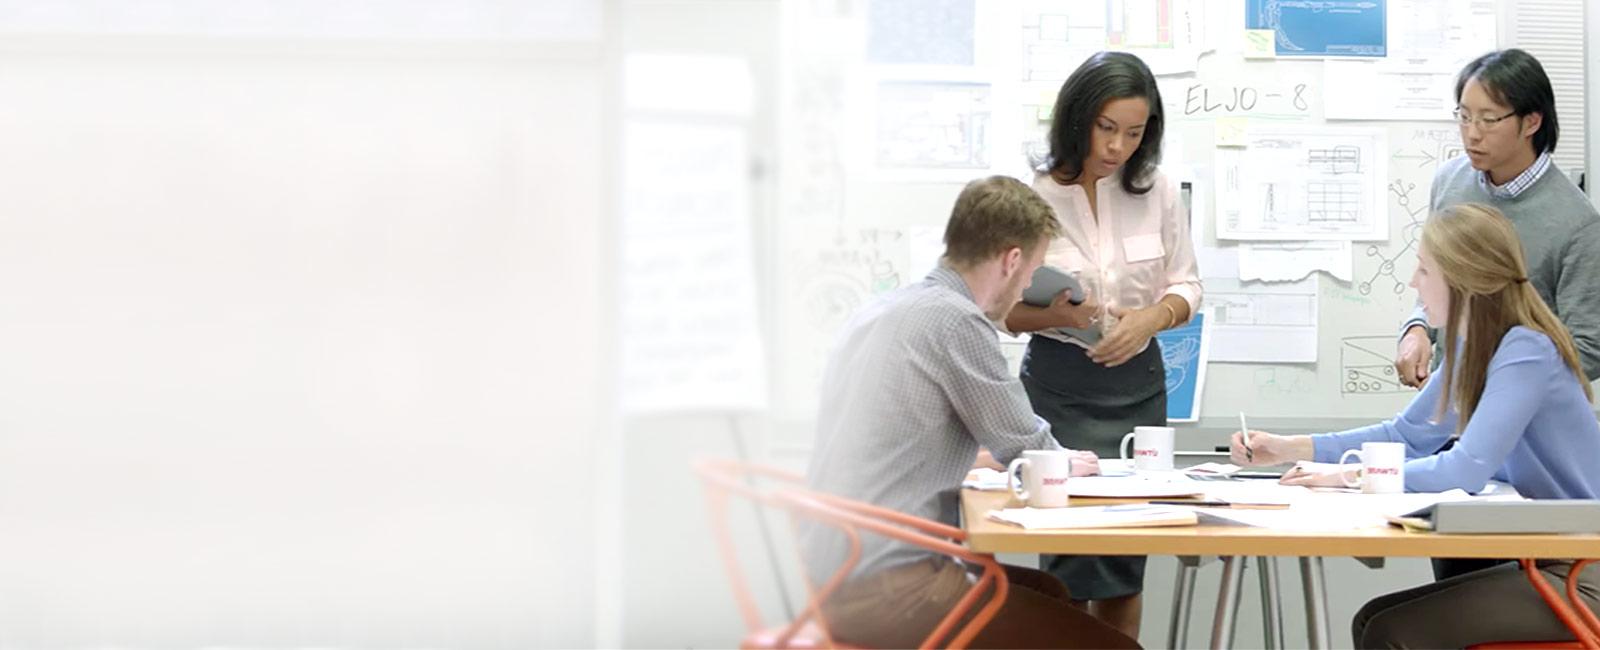 兩人站著,兩人坐著,圍在布滿文件的桌邊,身後是一面白板